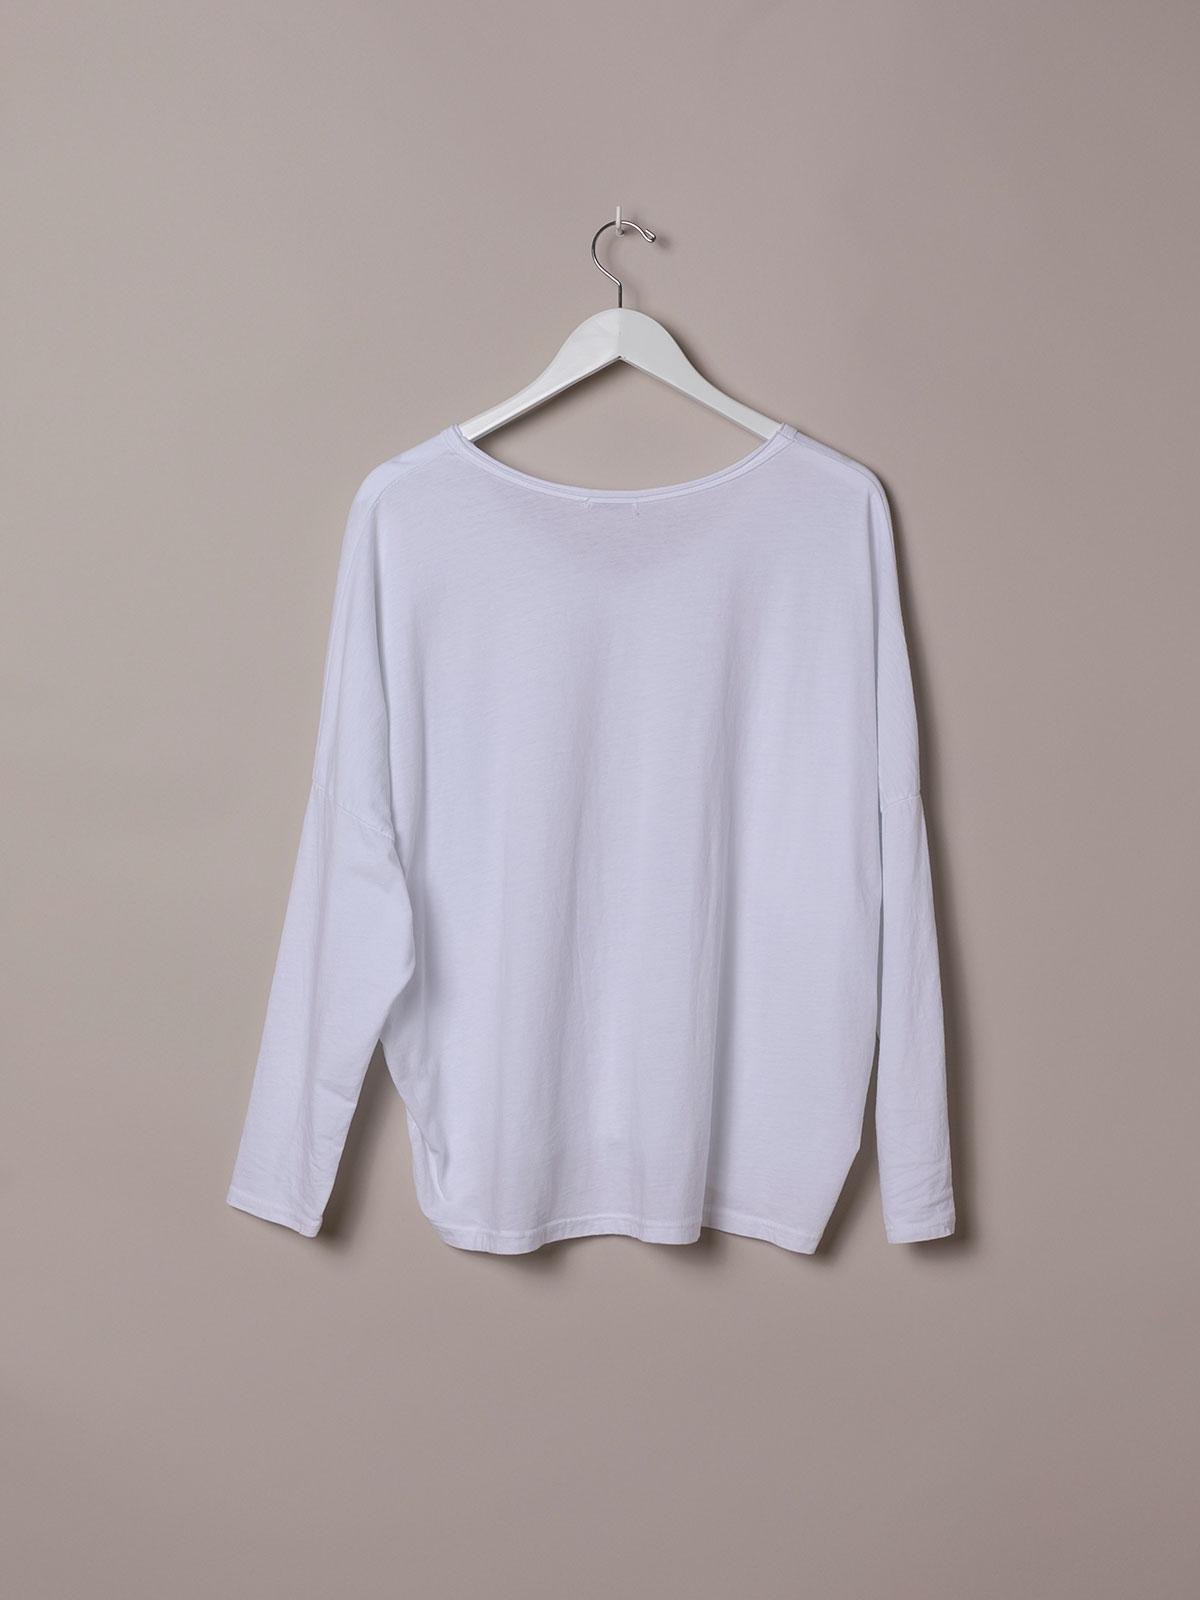 Camiseta mujer algodón lisa cuello pico Blanco